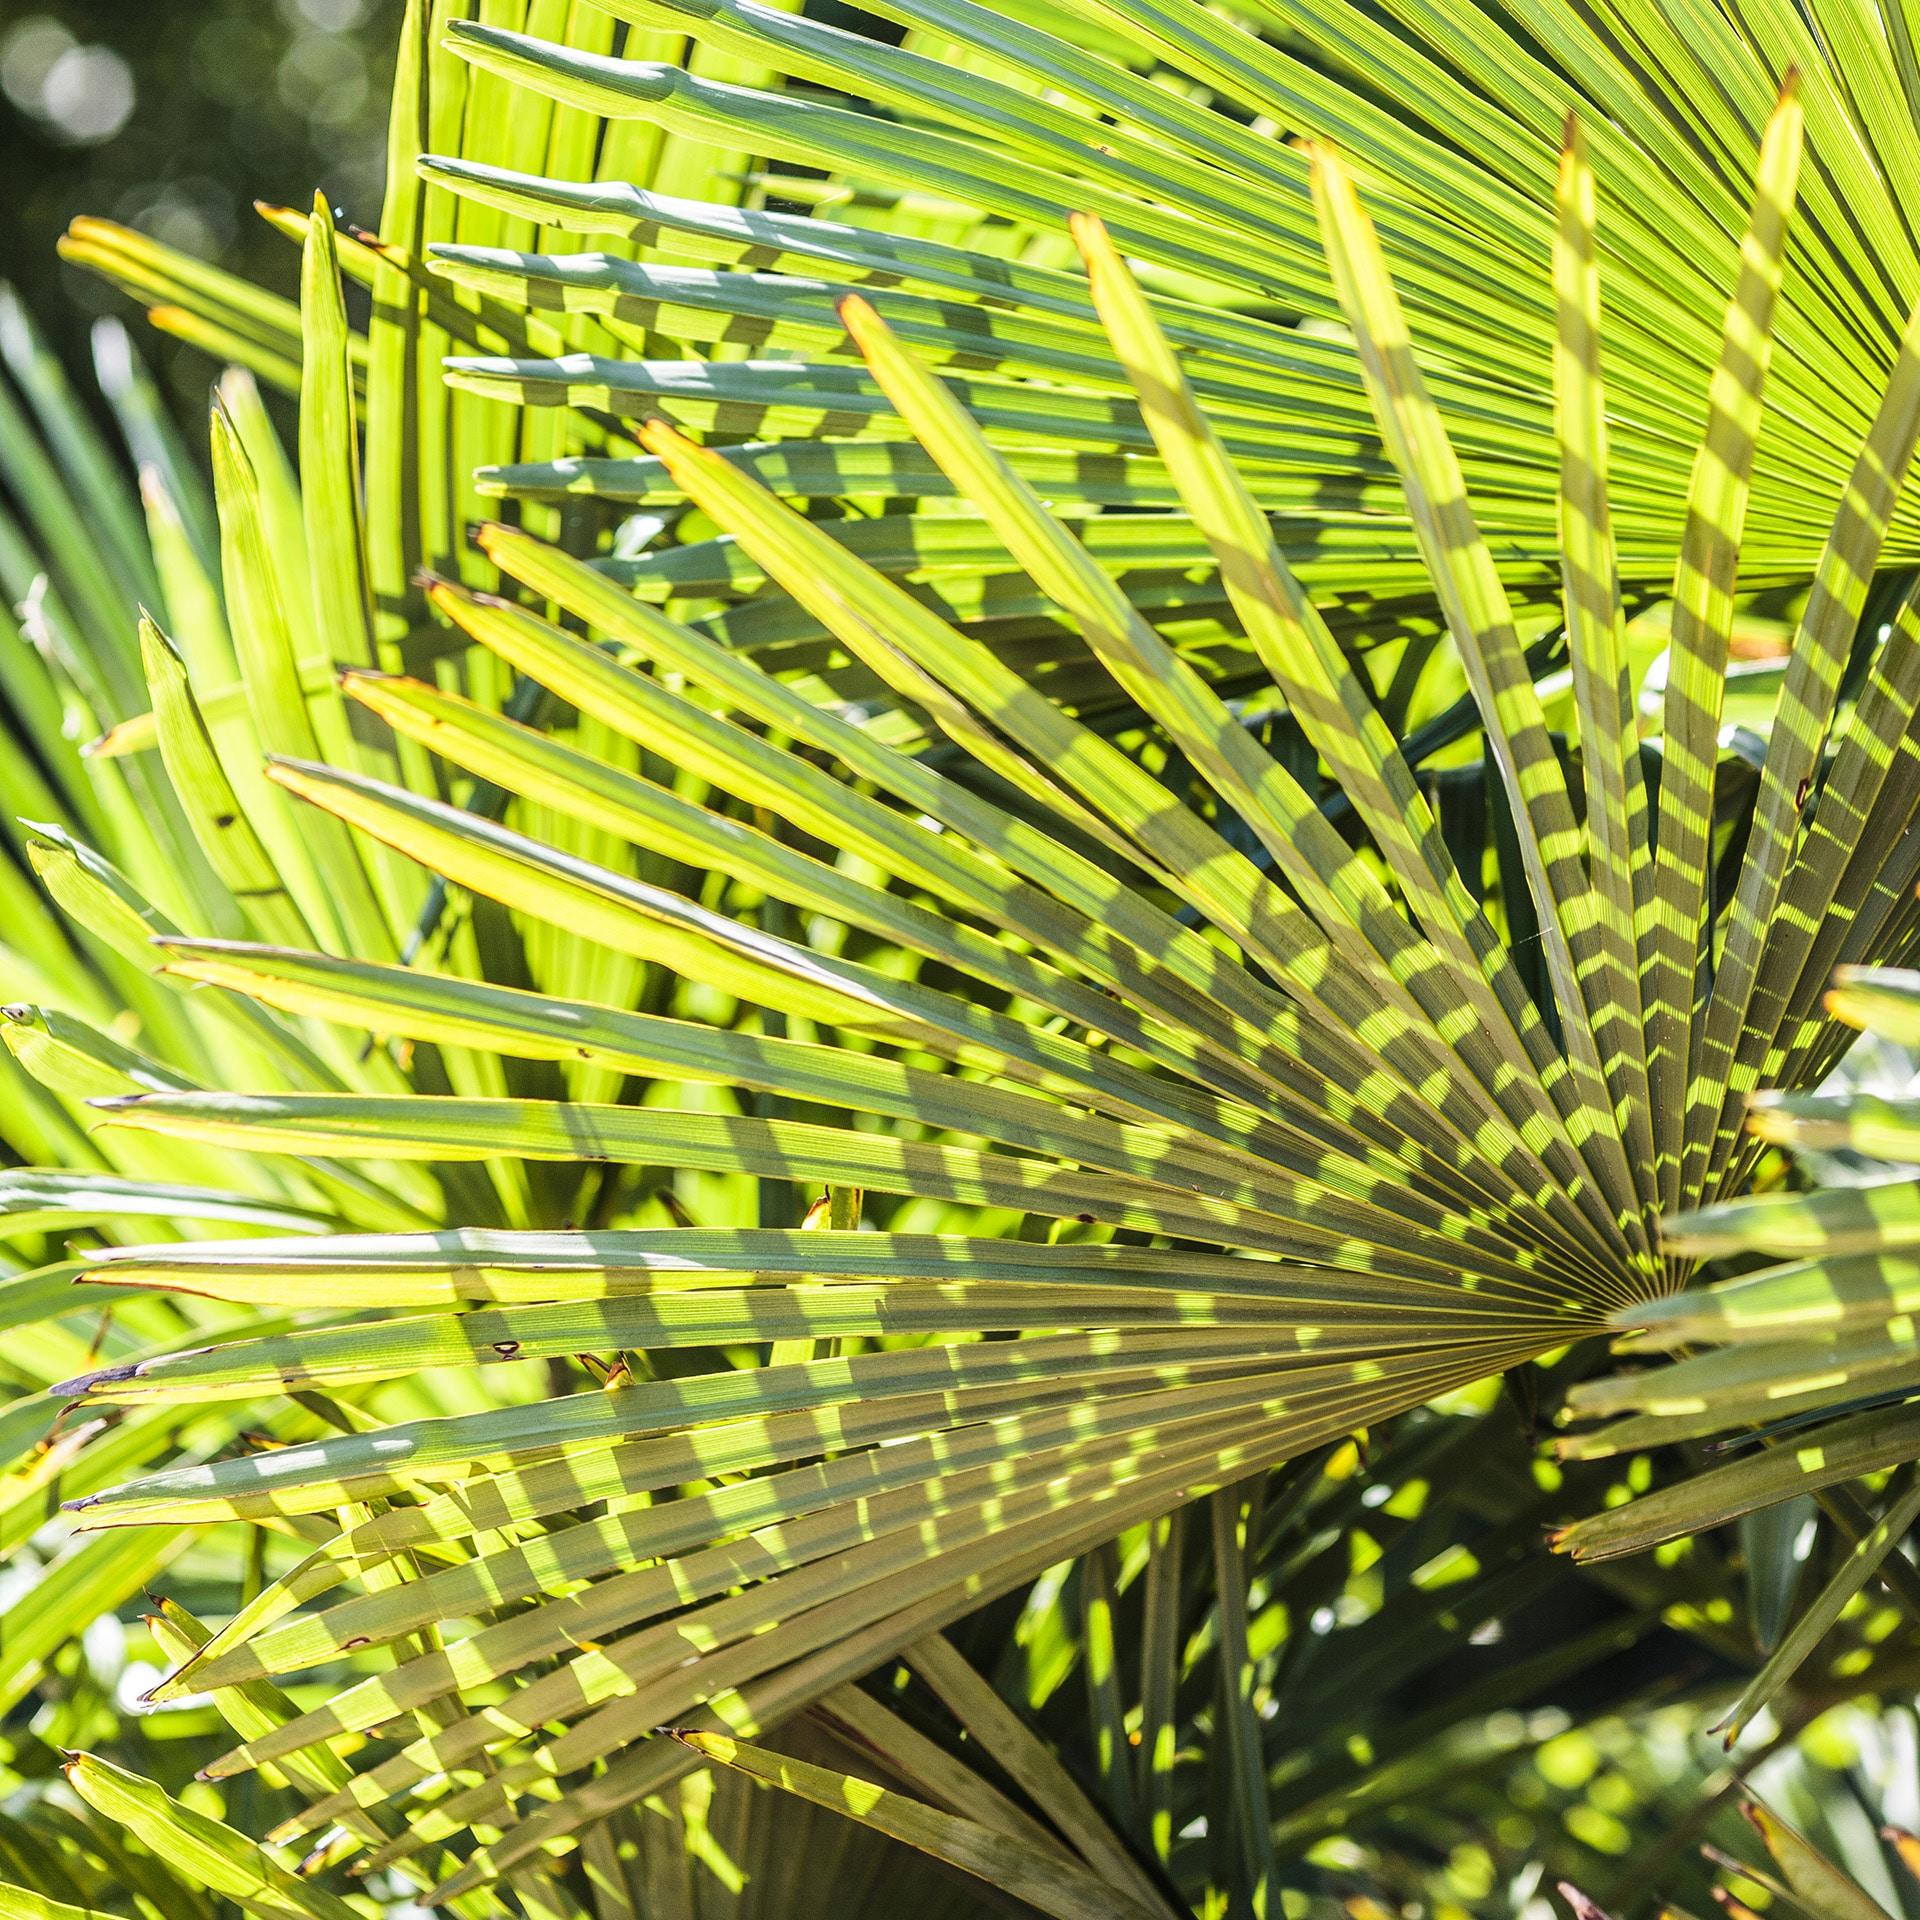 Effet de lumière sur des feuilles de palmier Trachycarpus